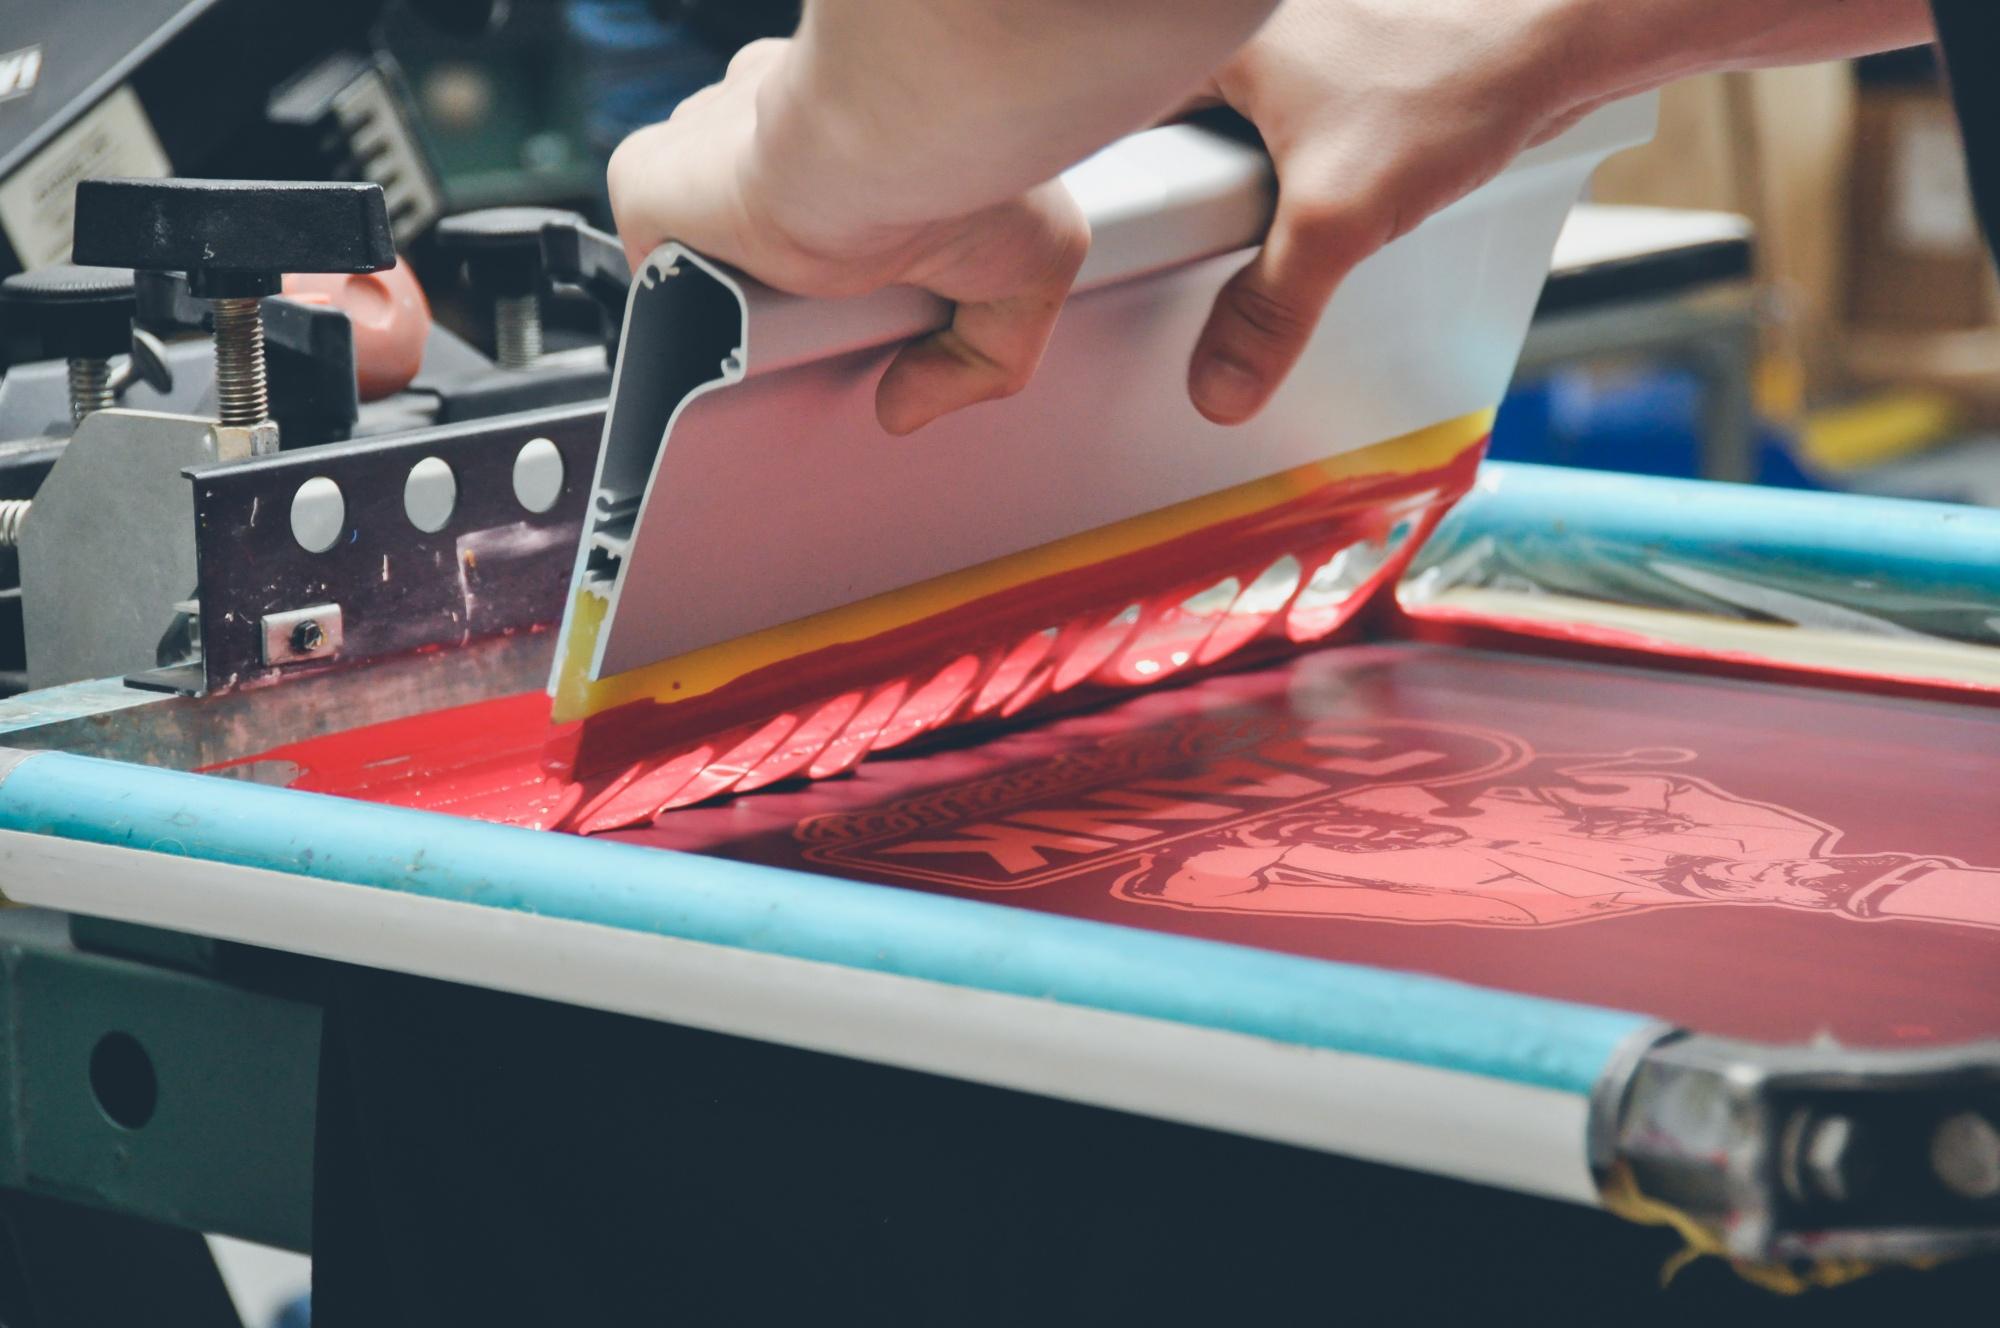 Процесс печати на майке методом шелкография